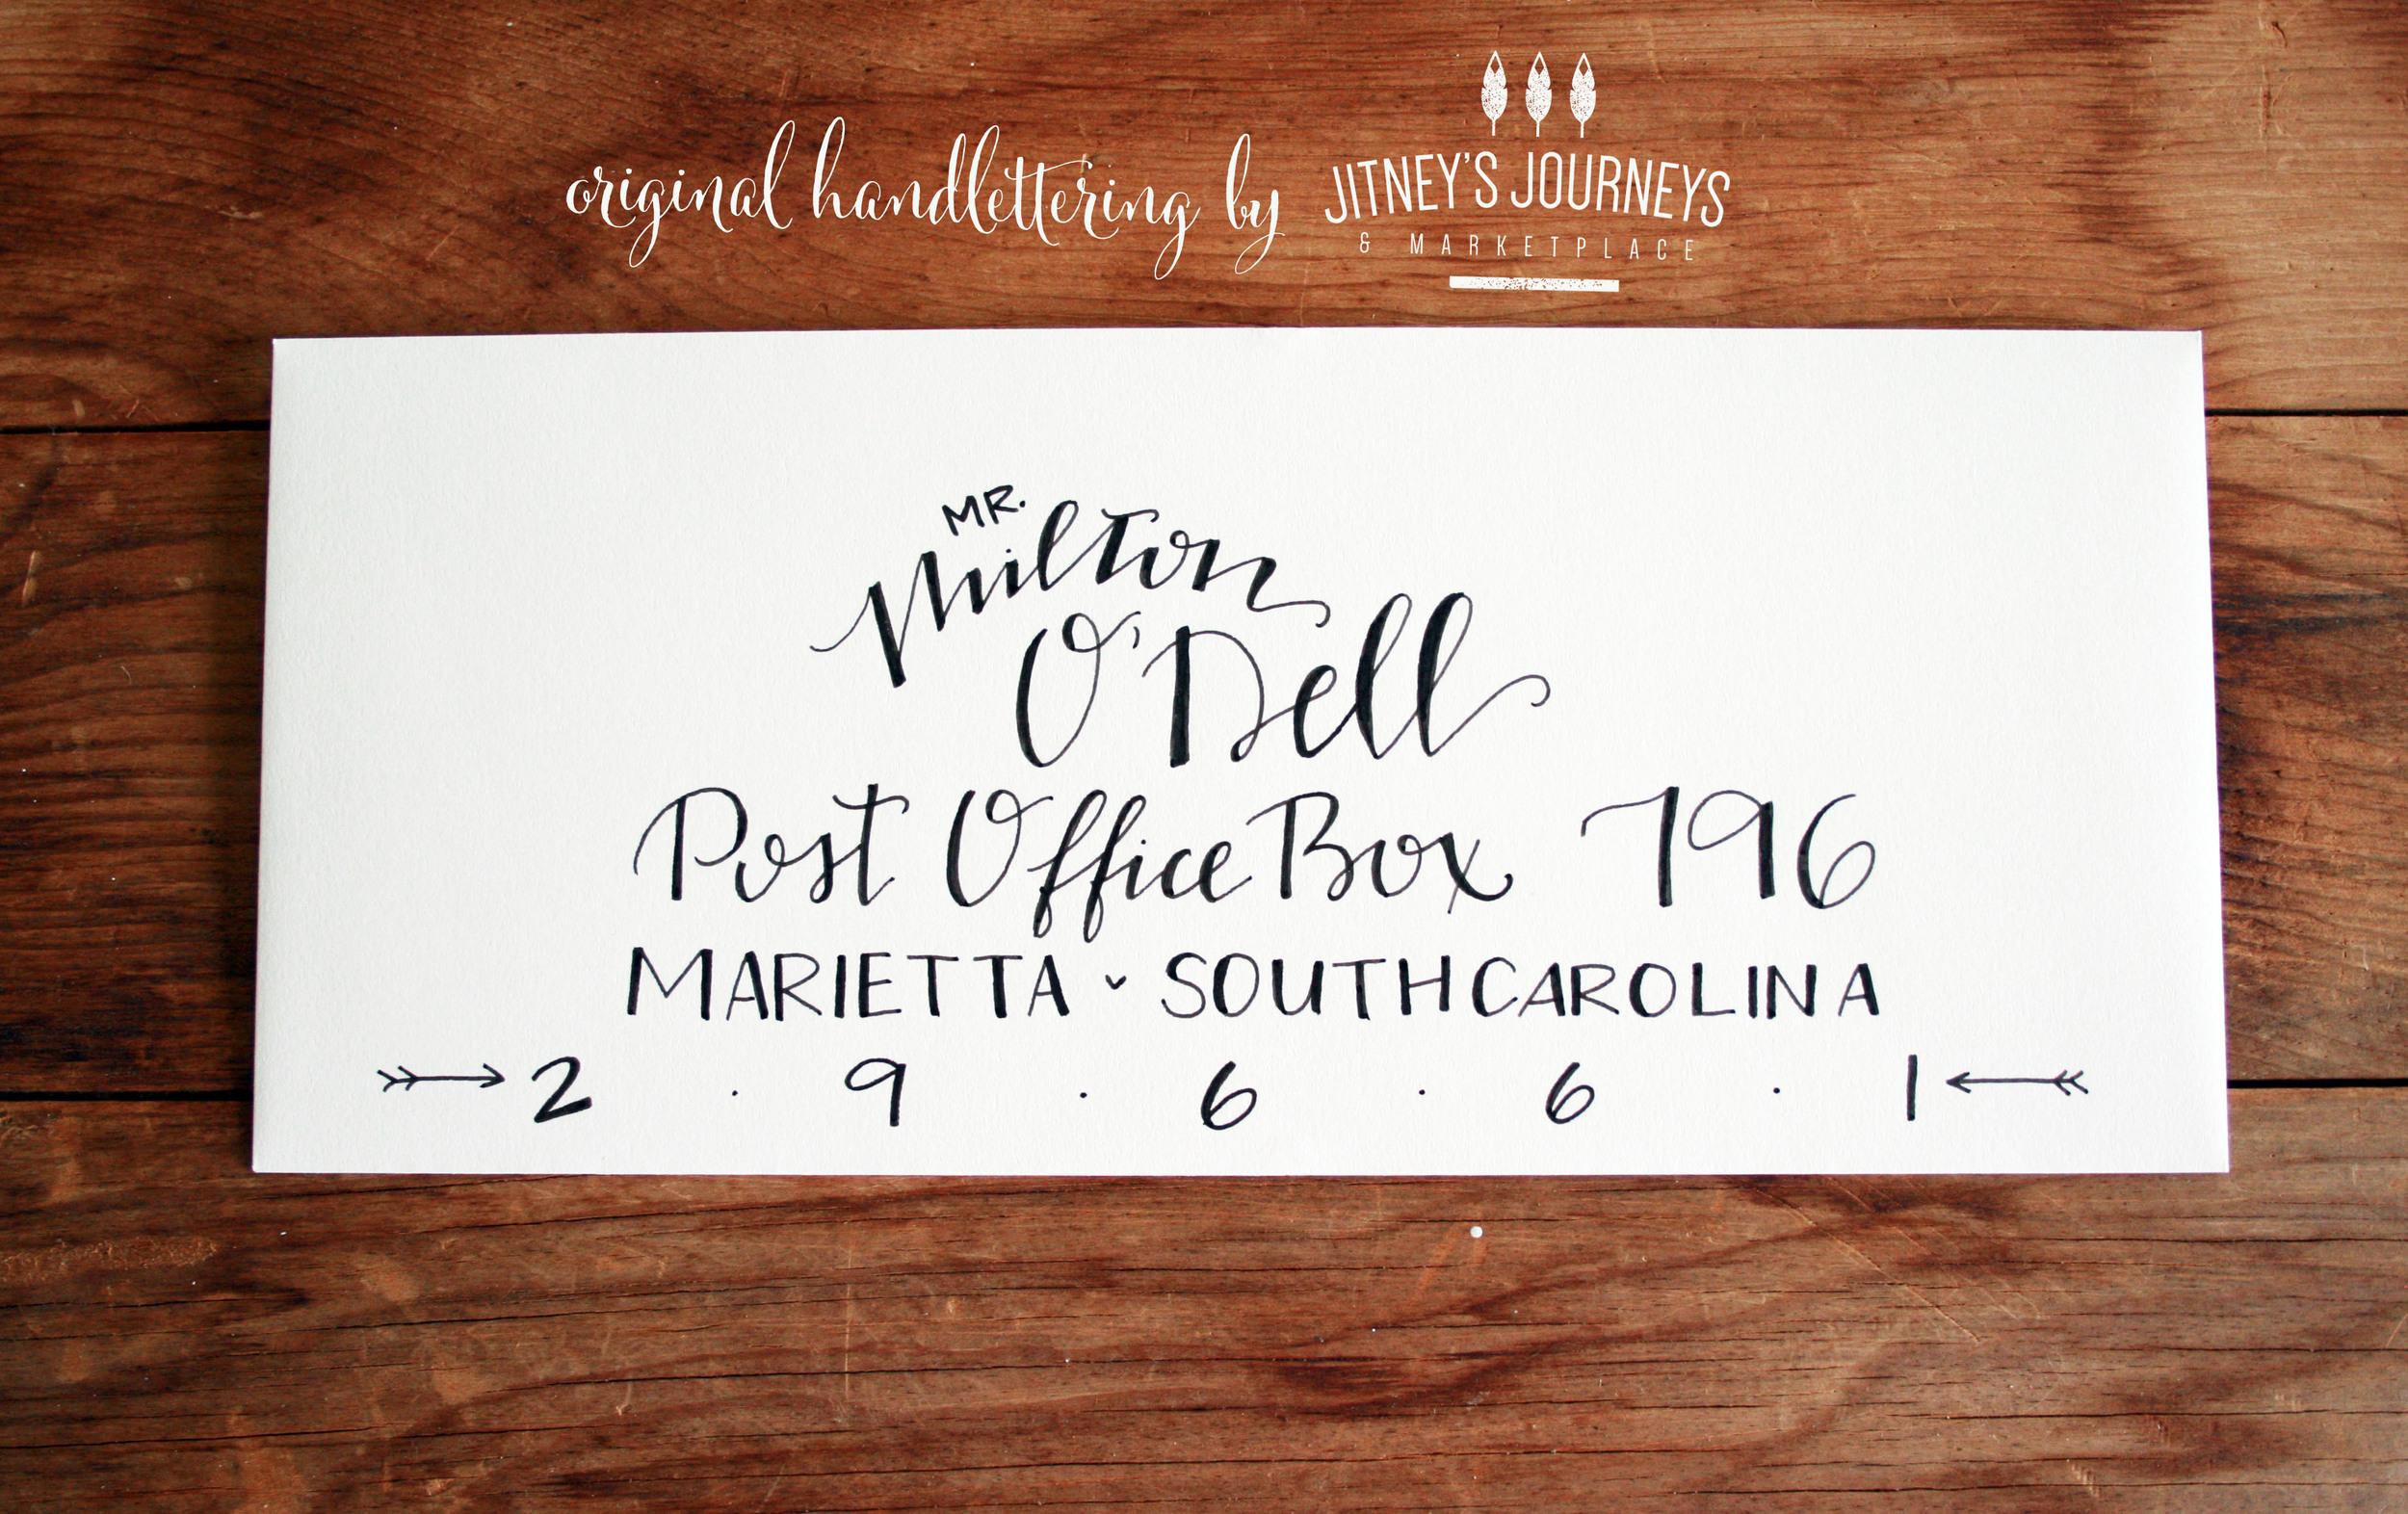 Original Handlettering for Wedding Envelopes by Jitney's Journeys